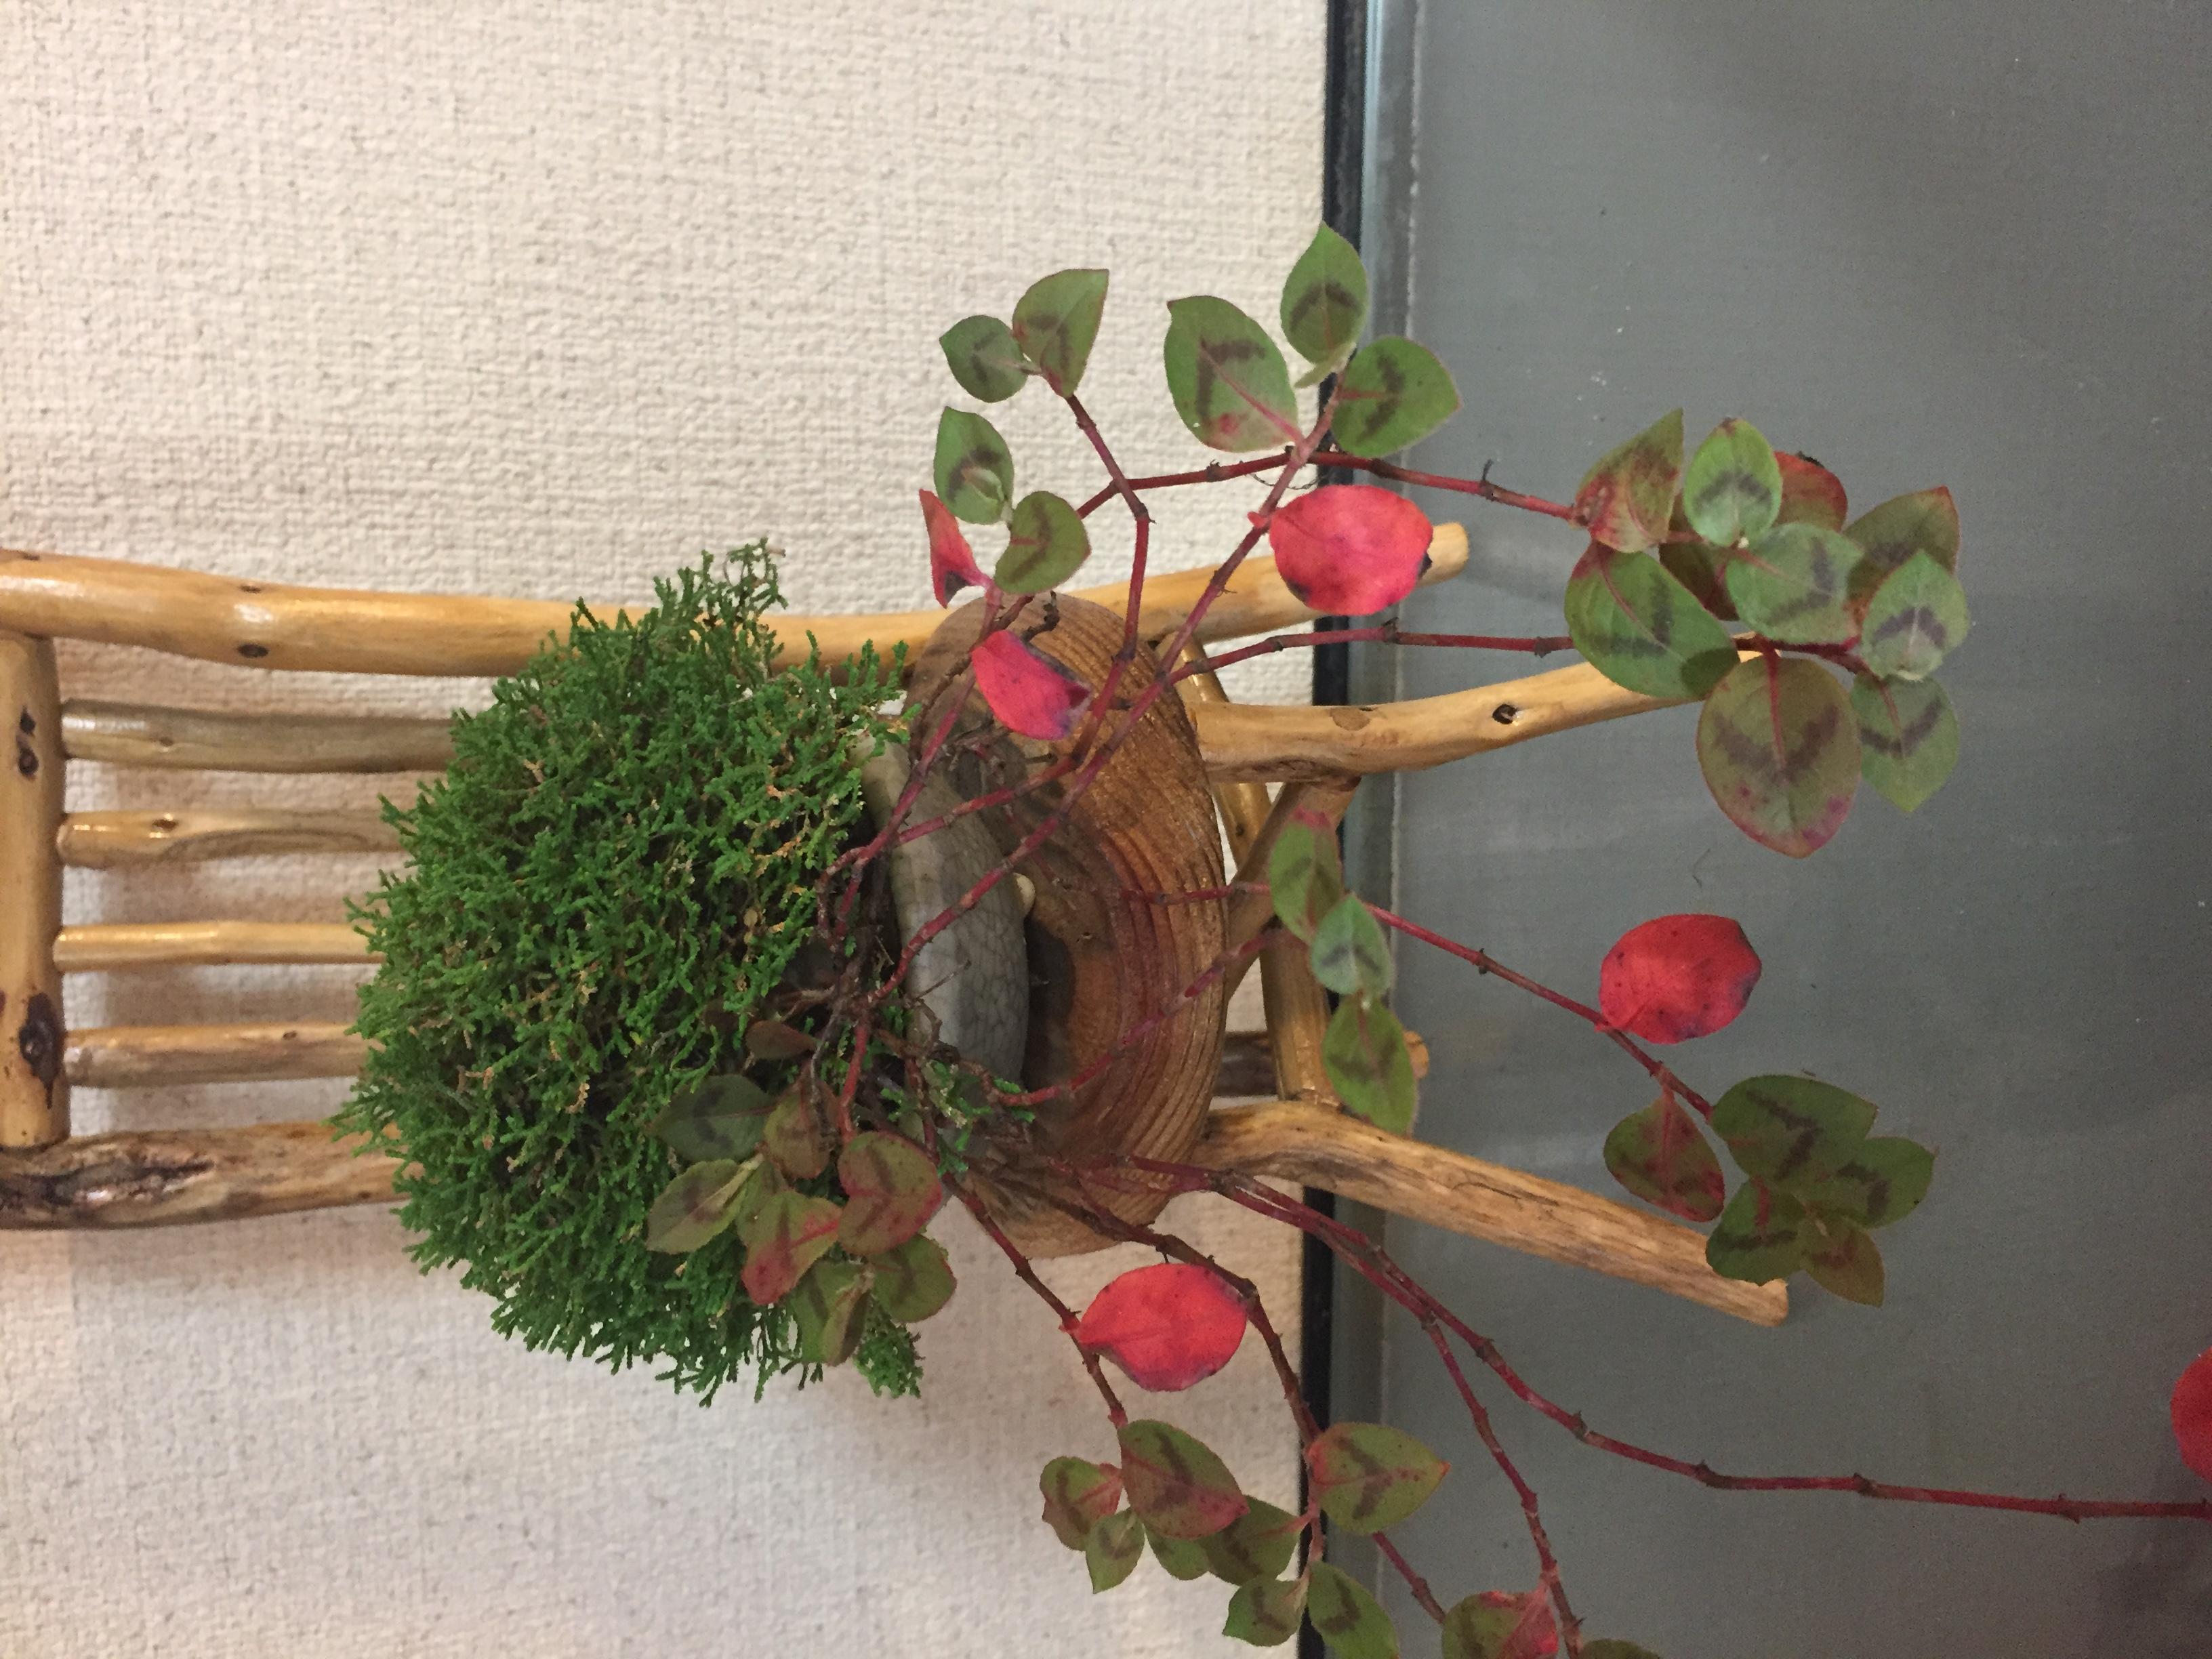 成彦 Shigehiko 盆栽 Bonsai / ハリガネカヅラ